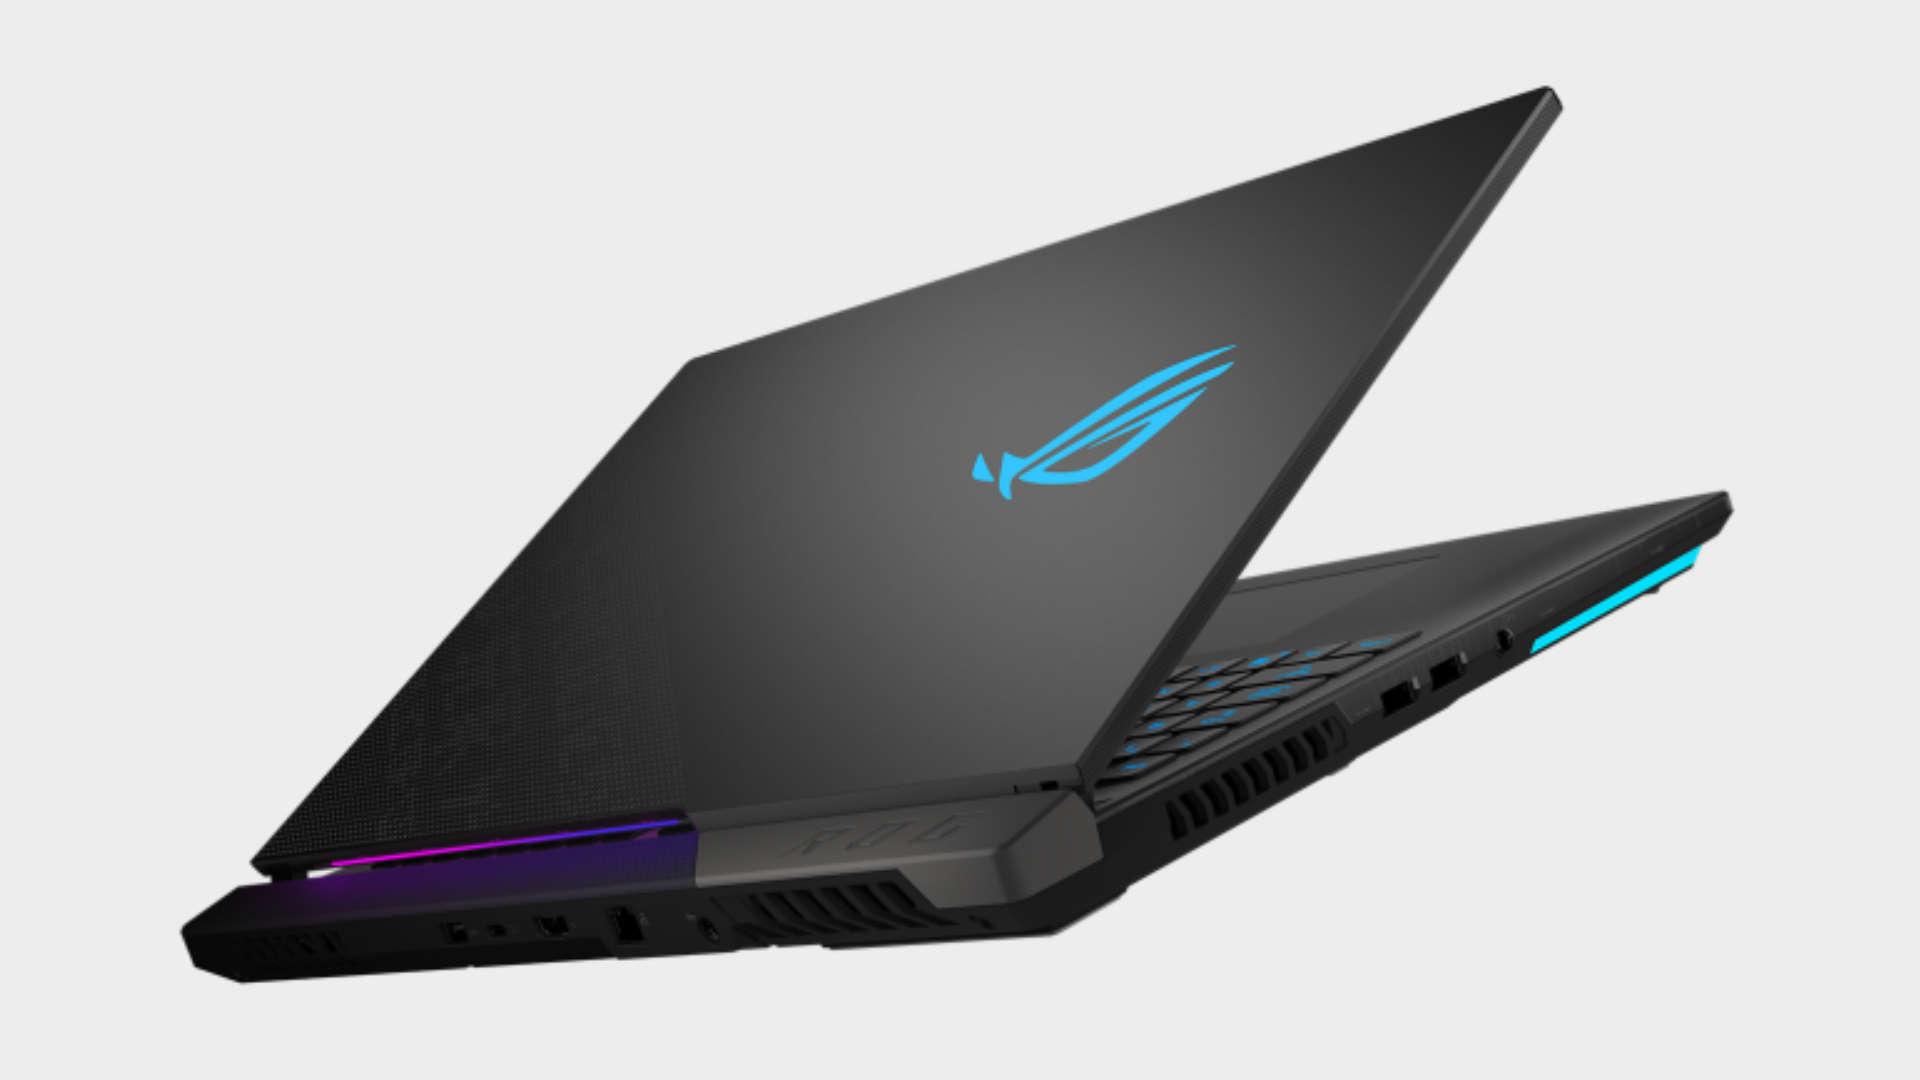 Asus Rog Strix Scar 17 gaming laptop